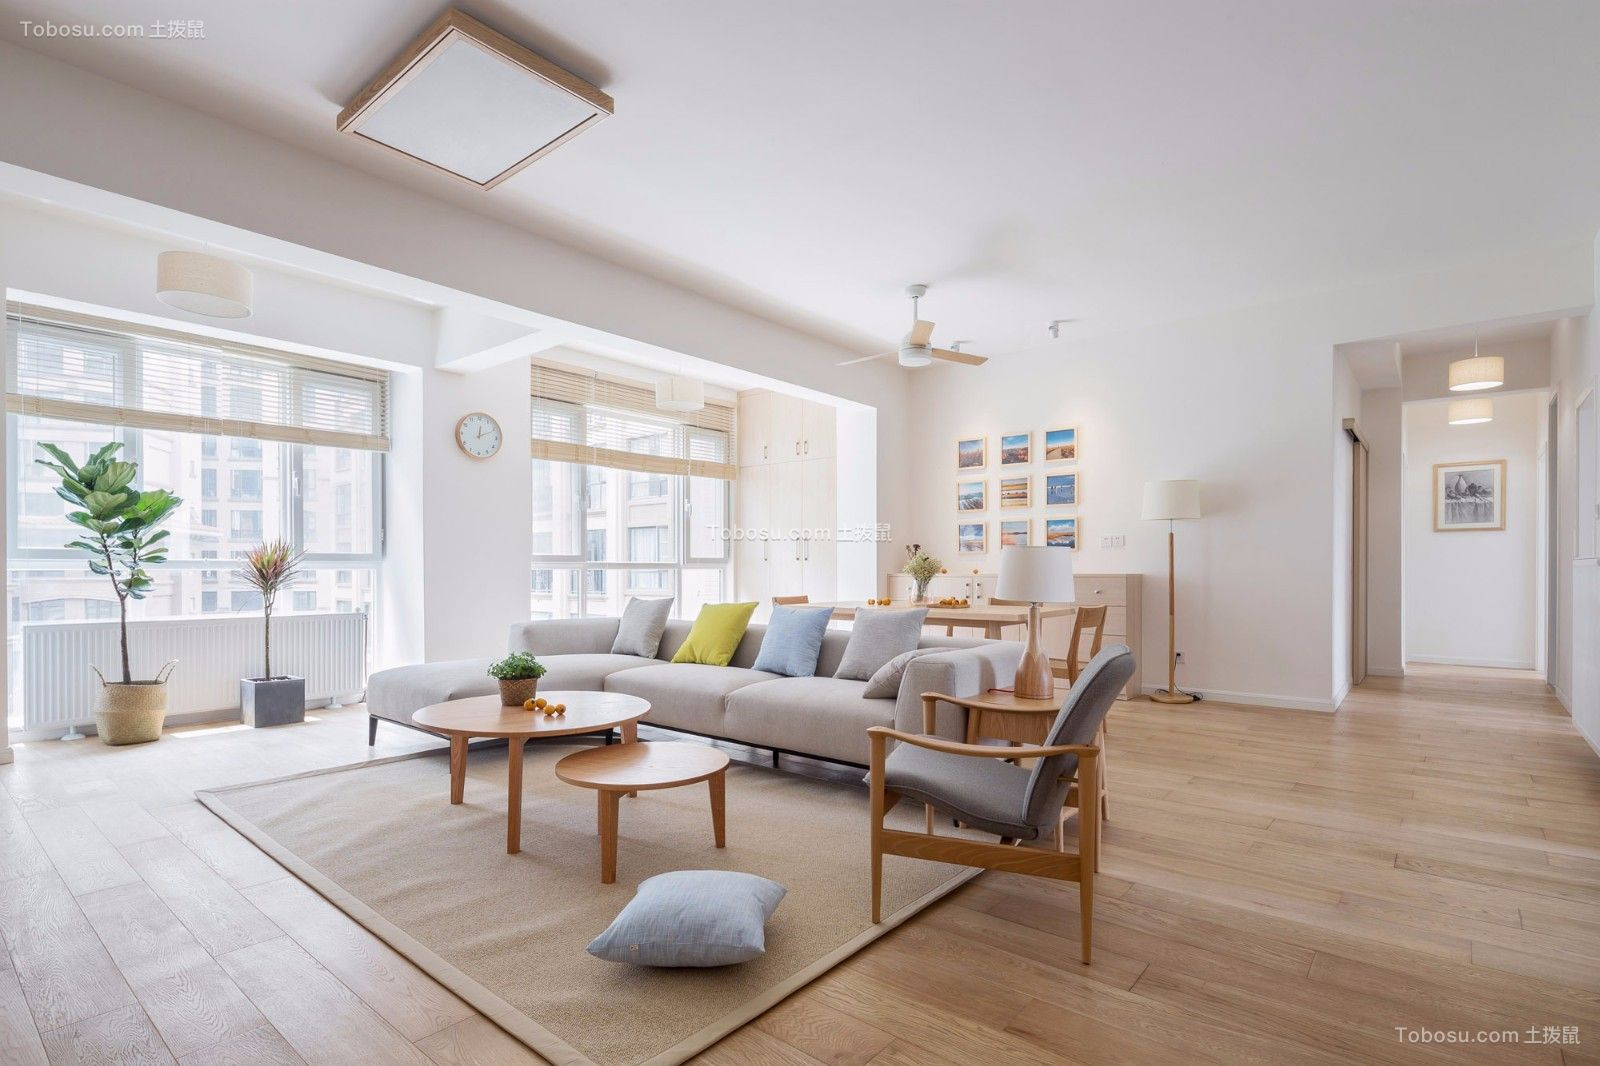 2021日式客厅装修设计 2021日式沙发装修设计